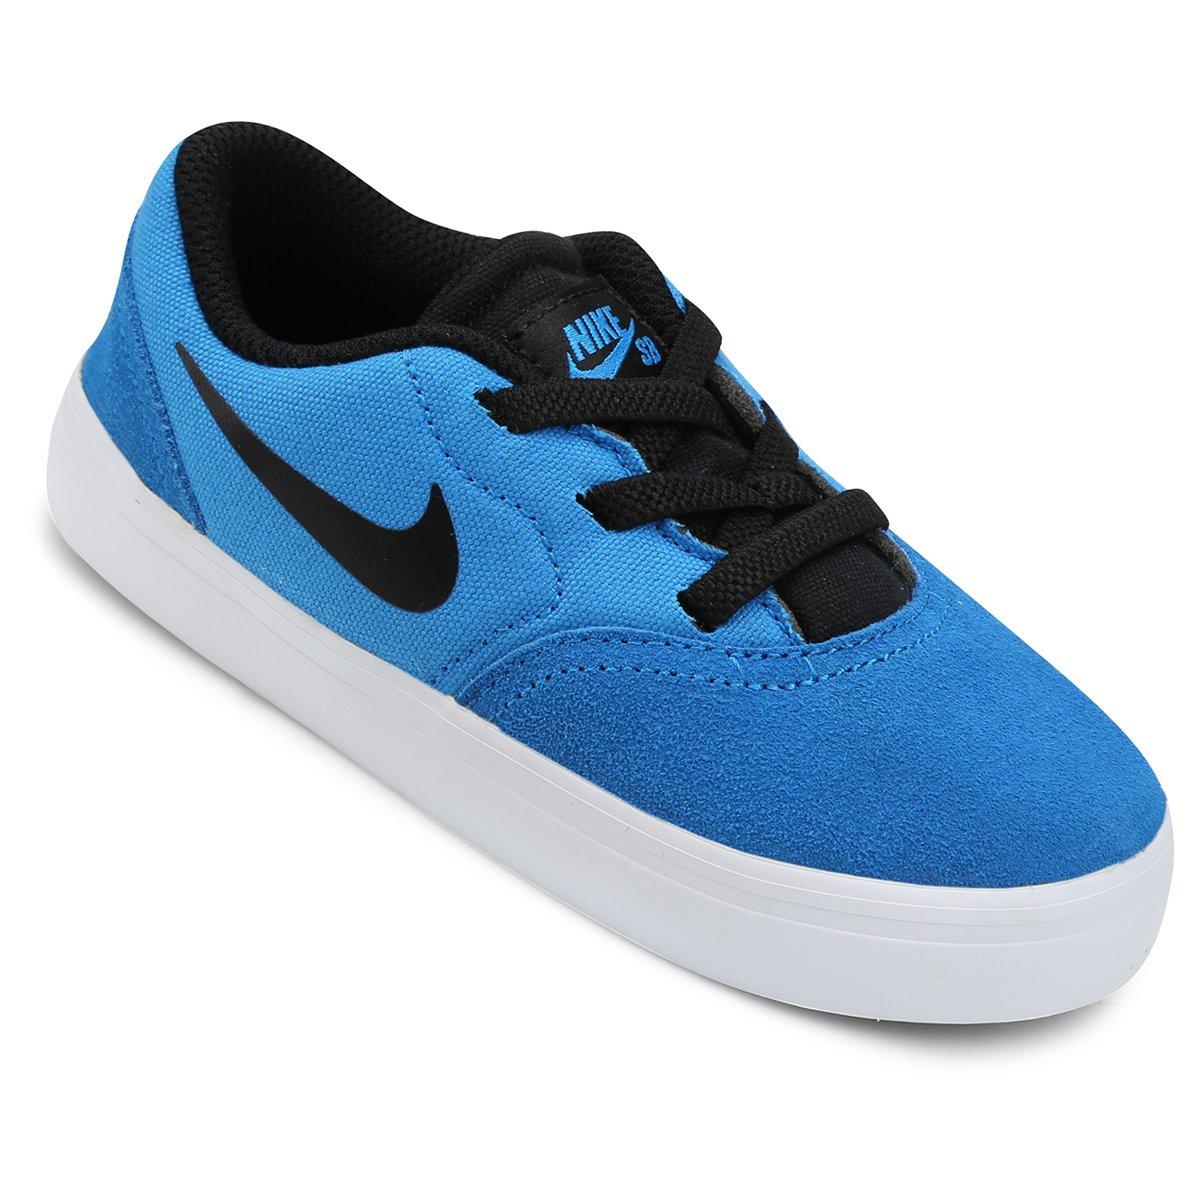 3bd6b0476e9 Tênis Nike SB Check Infantil - Azul e Preto - Compre Agora